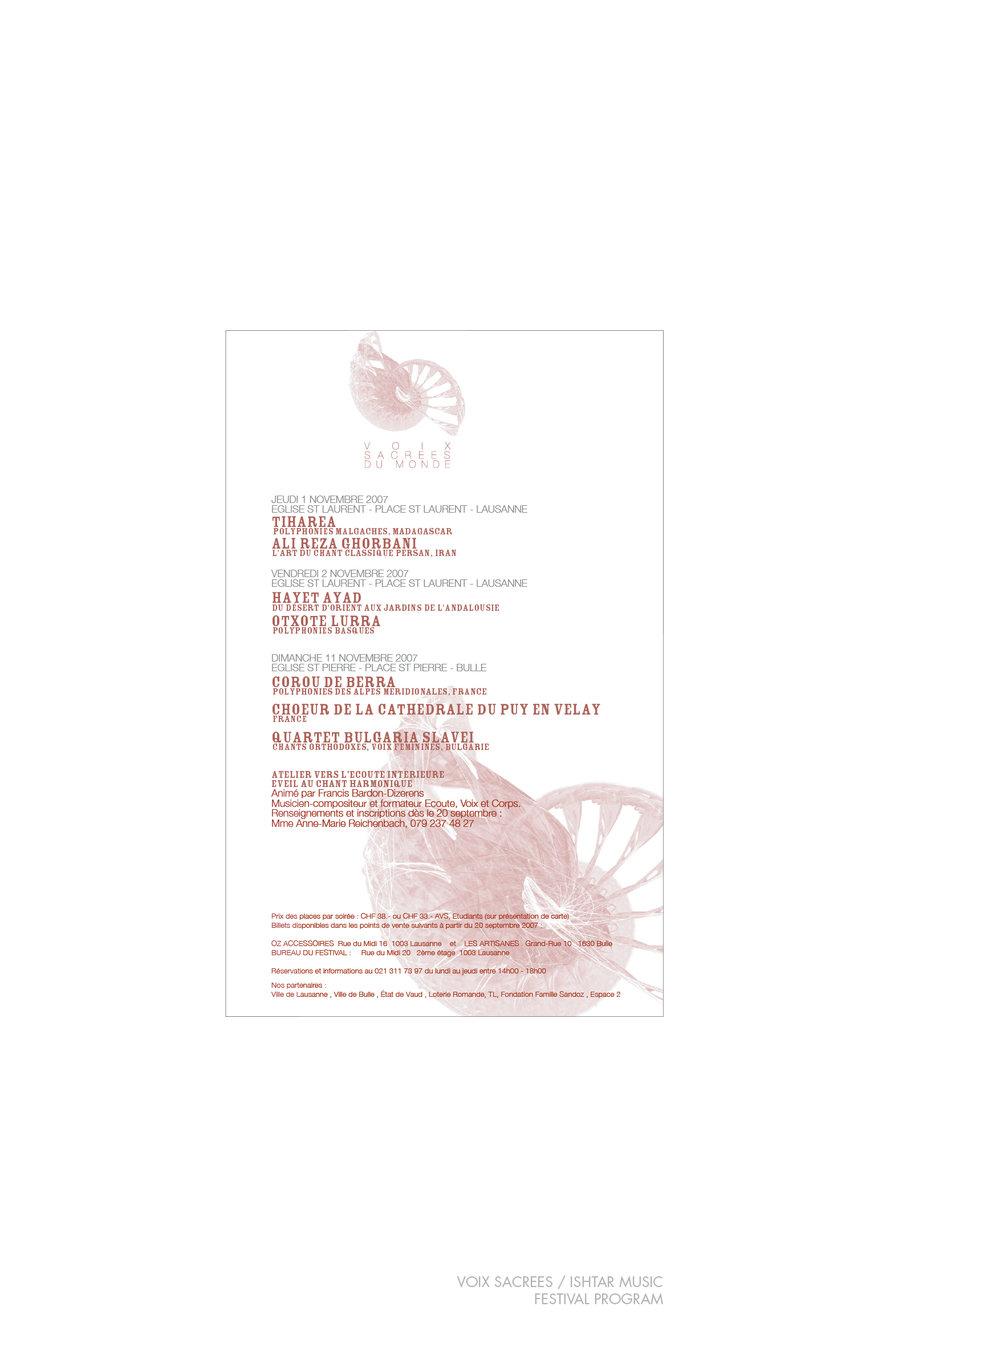 portfolio-graphicdesign-straightlayout14.jpg